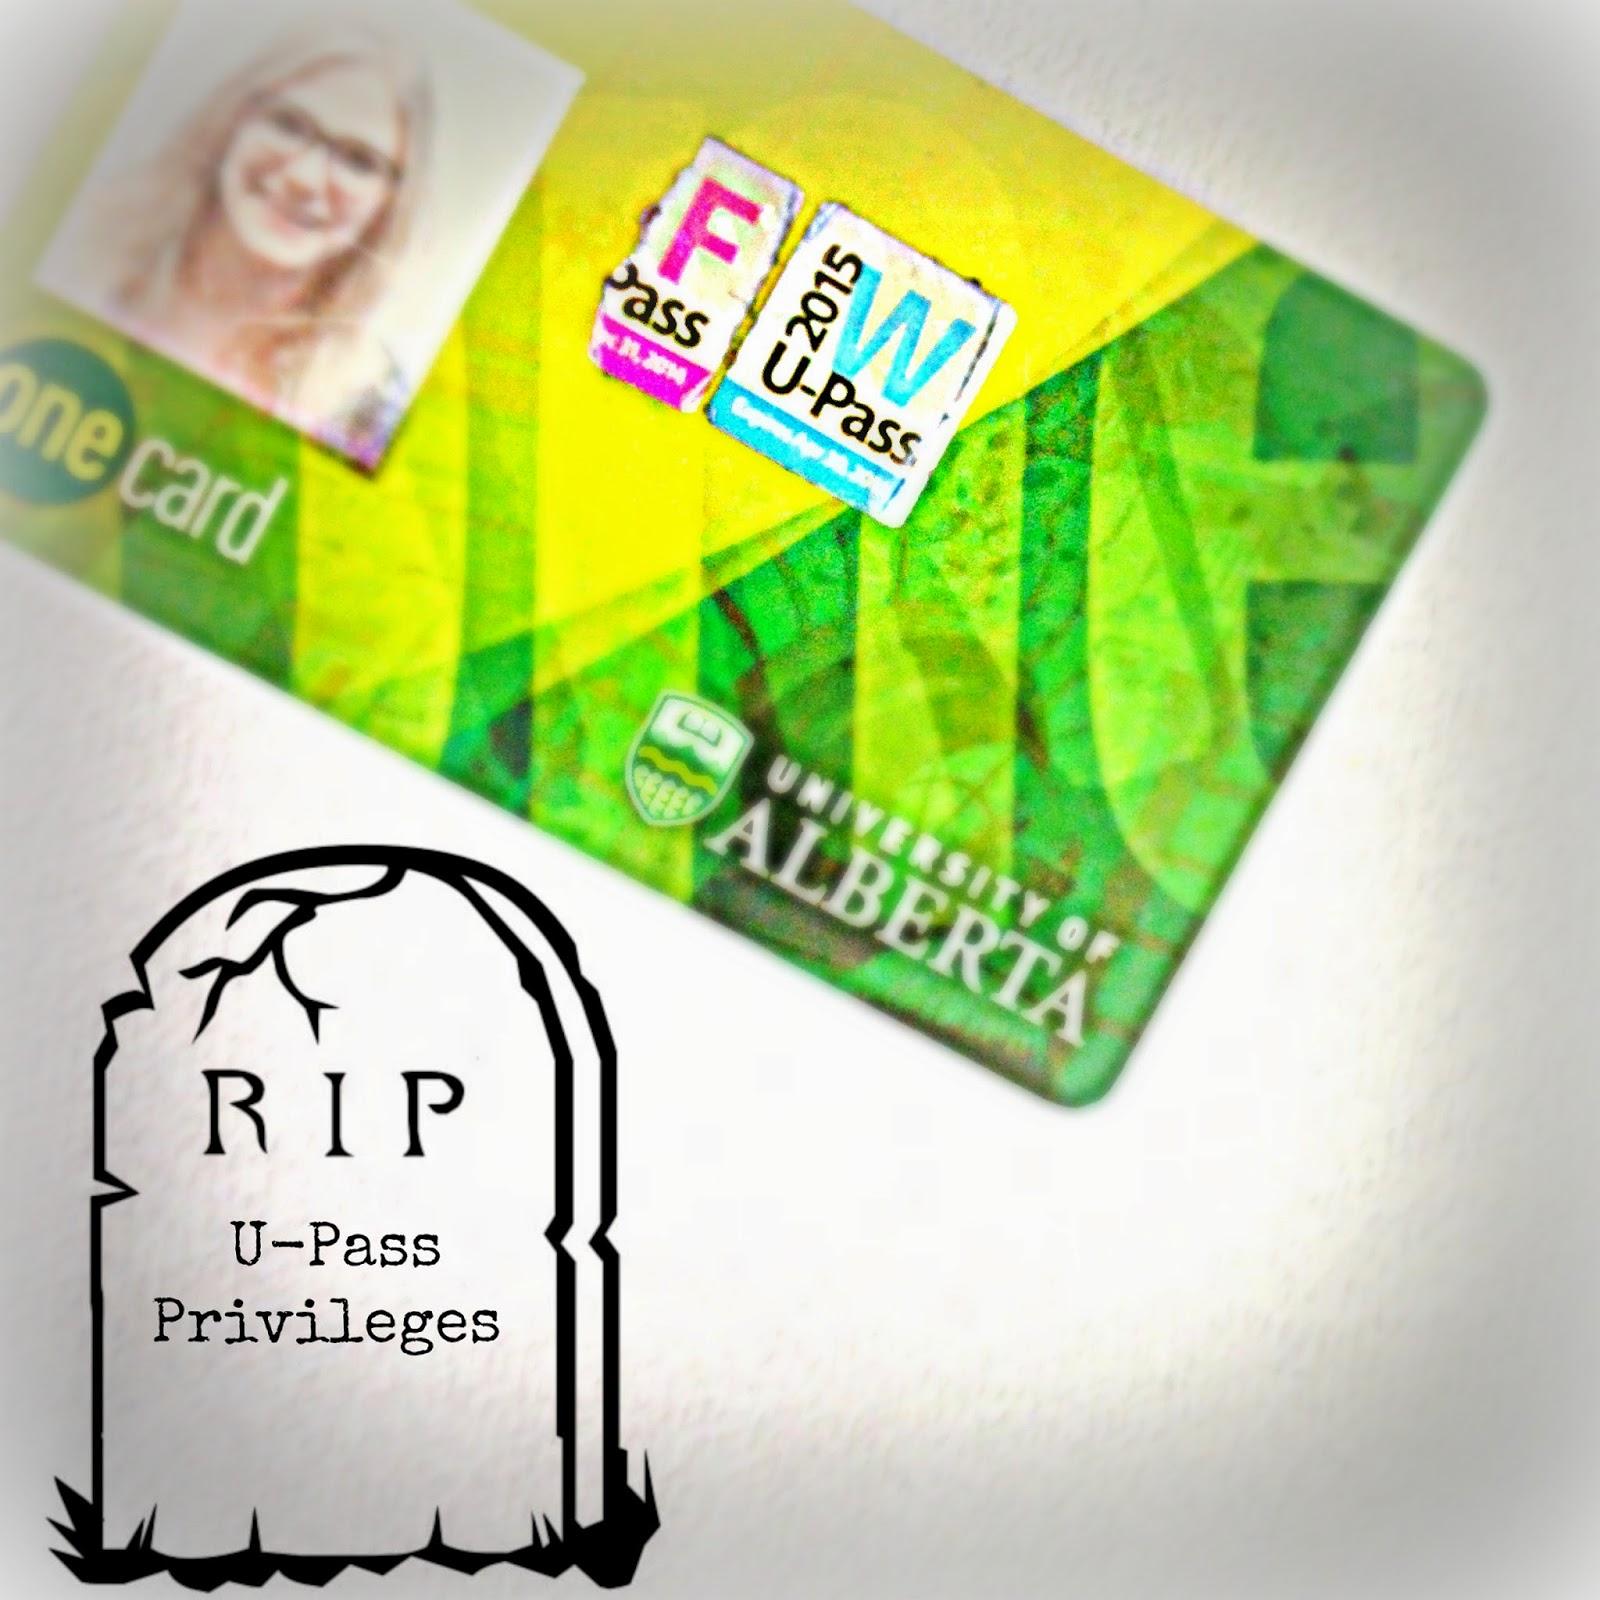 Expired U-Passes